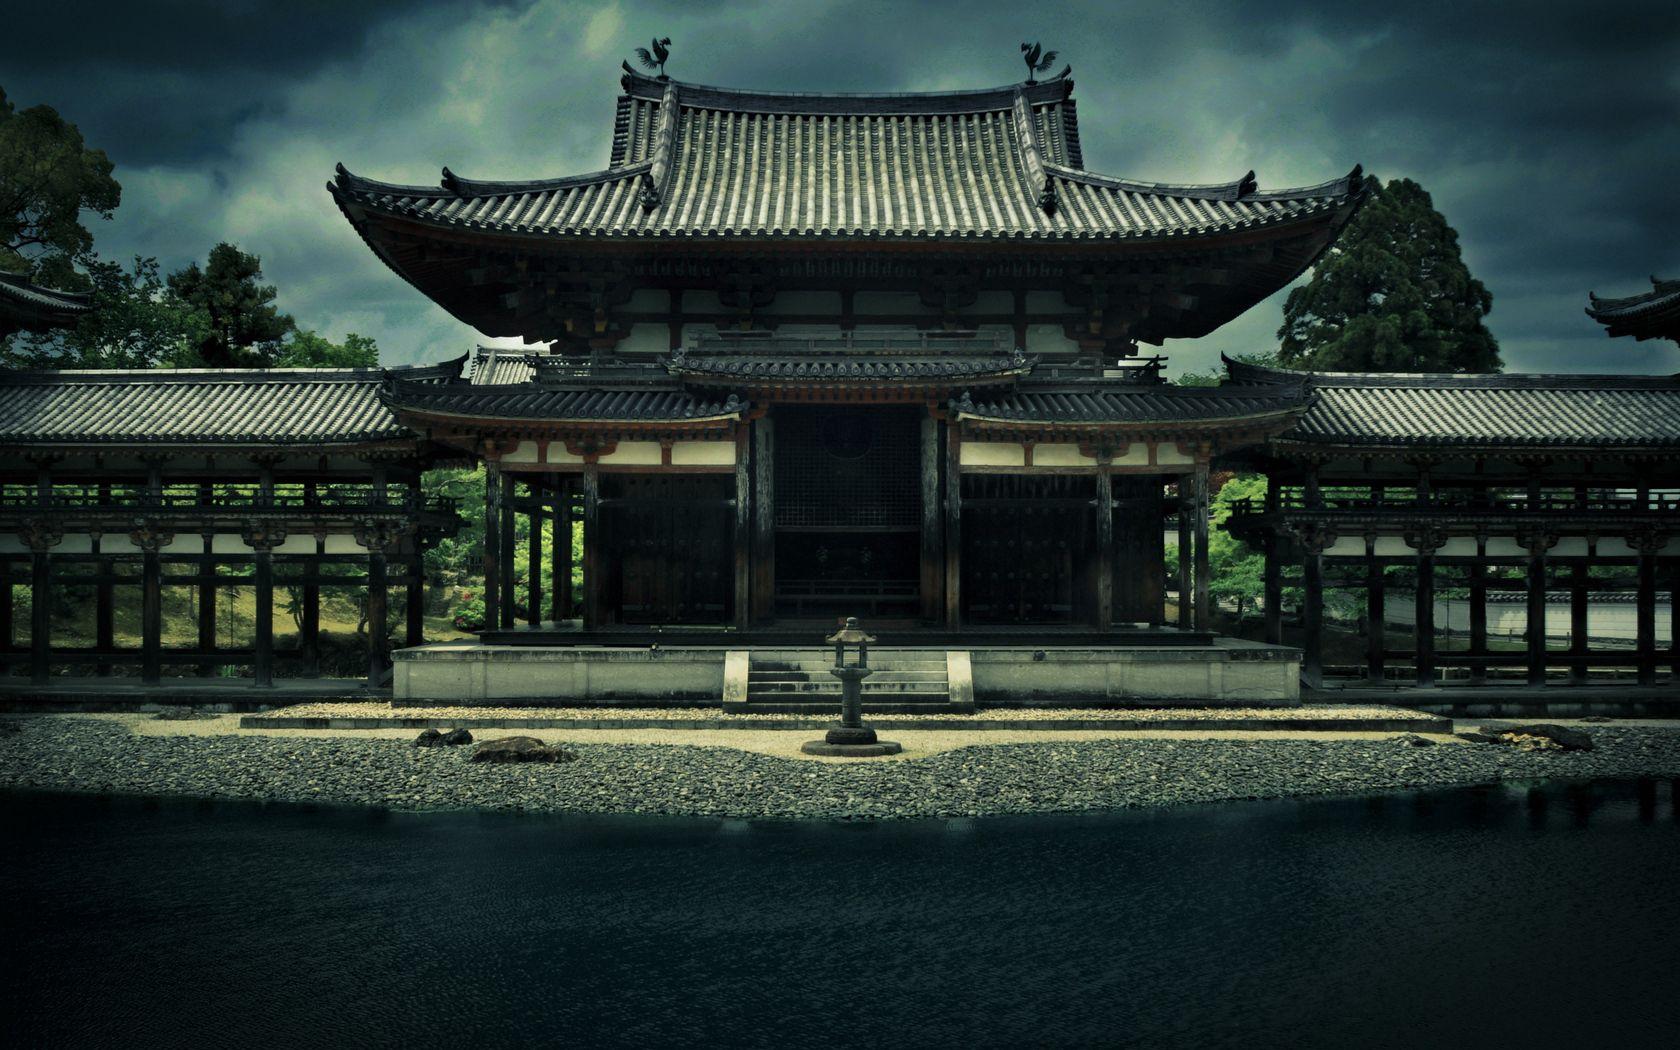 75801 免費下載壁紙 寺庙, 神殿, 凤凰, 凤凰城, 合奏, 平等院, 比多因, 日本, 中国, 京都, 建造, 建筑, 池塘, 树, 阴沉, 赫穆罗, 天空, 城市 屏保和圖片